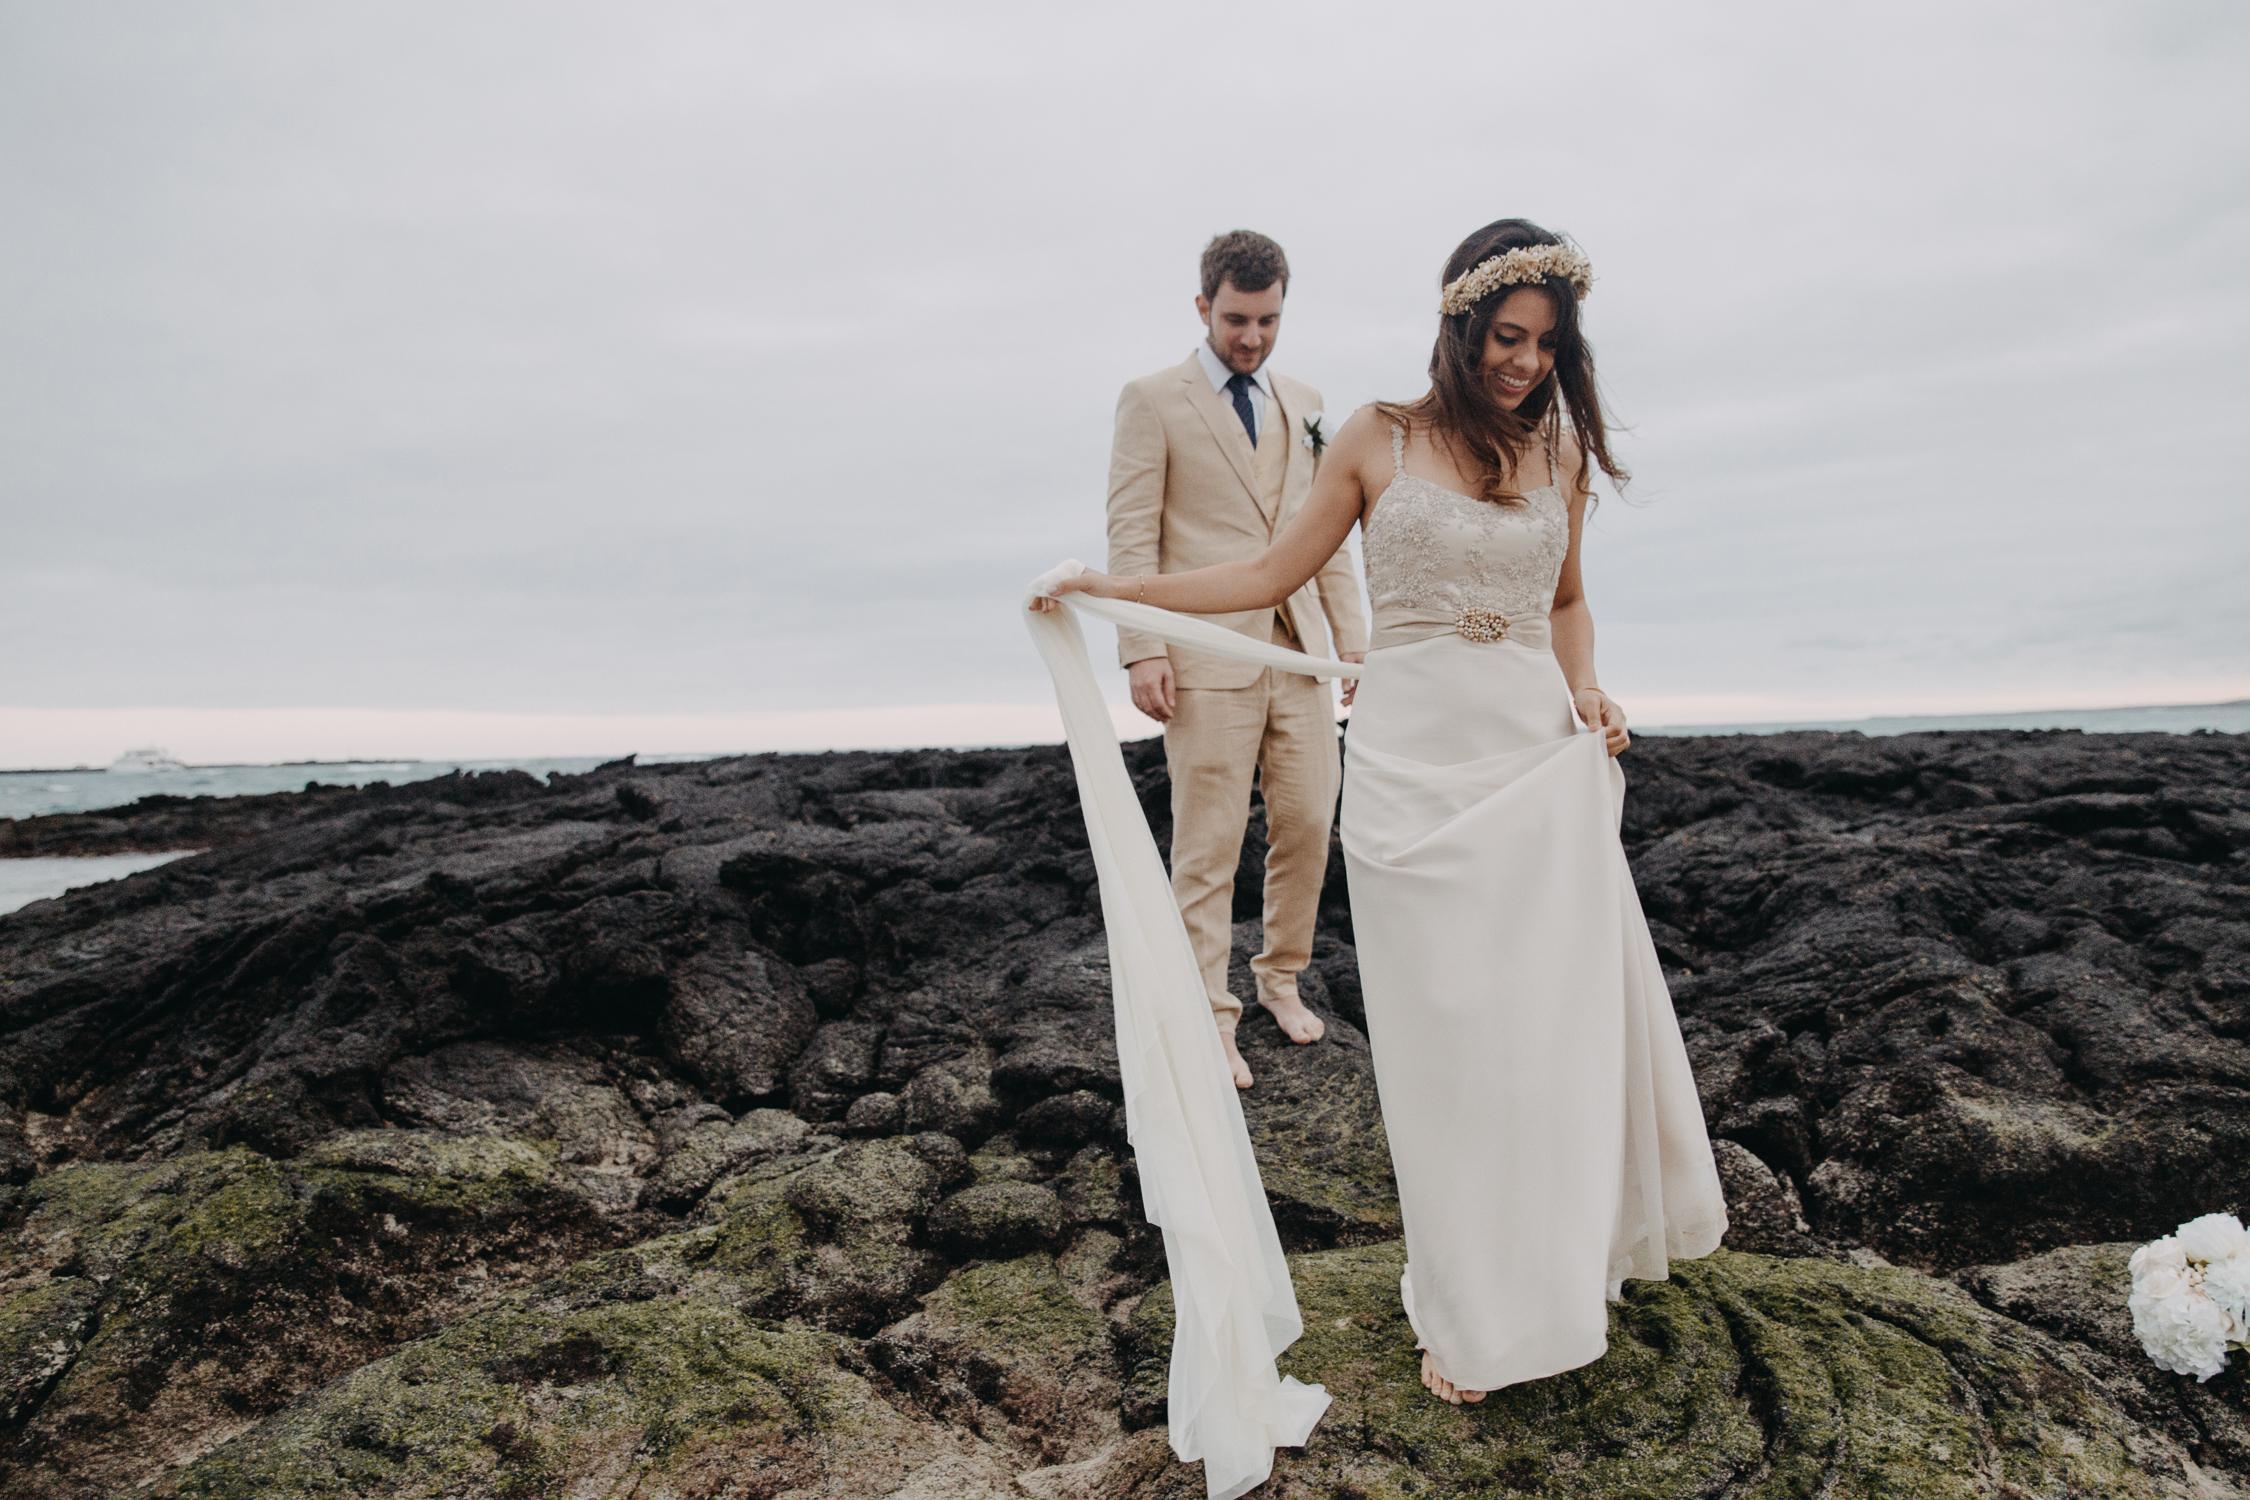 Michelle-Agurto-Fotografia-Bodas-Ecuador-Destination-Wedding-Photographer-Galapagos-Andrea-Joaquin-252.JPG